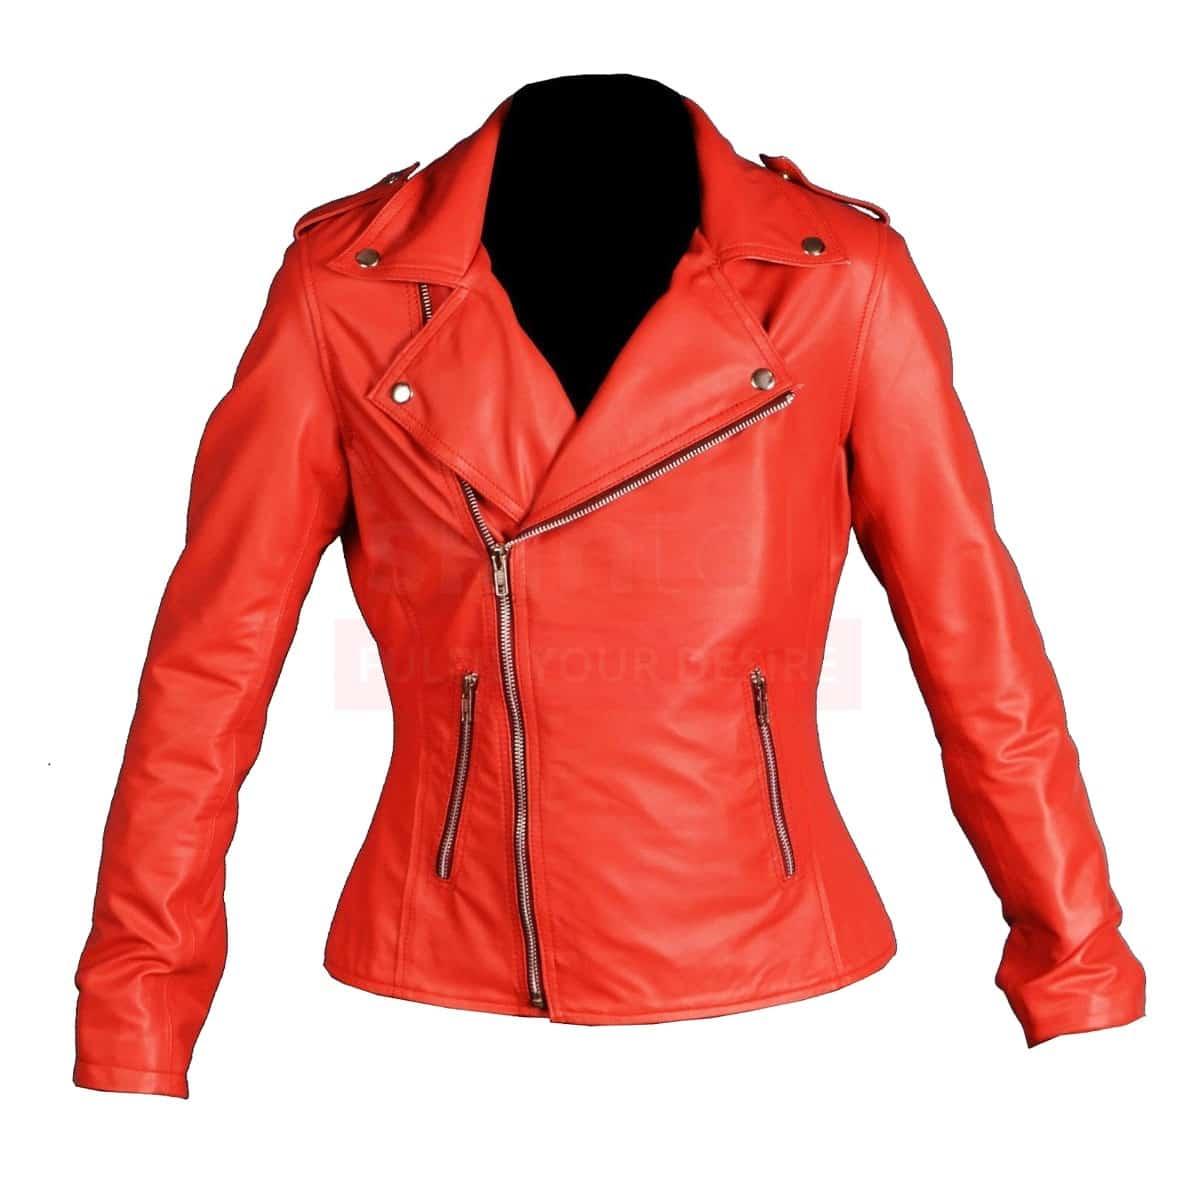 6f8028af810e Riverdale Southside Serpents jacket - Red Leather Jacket Womens